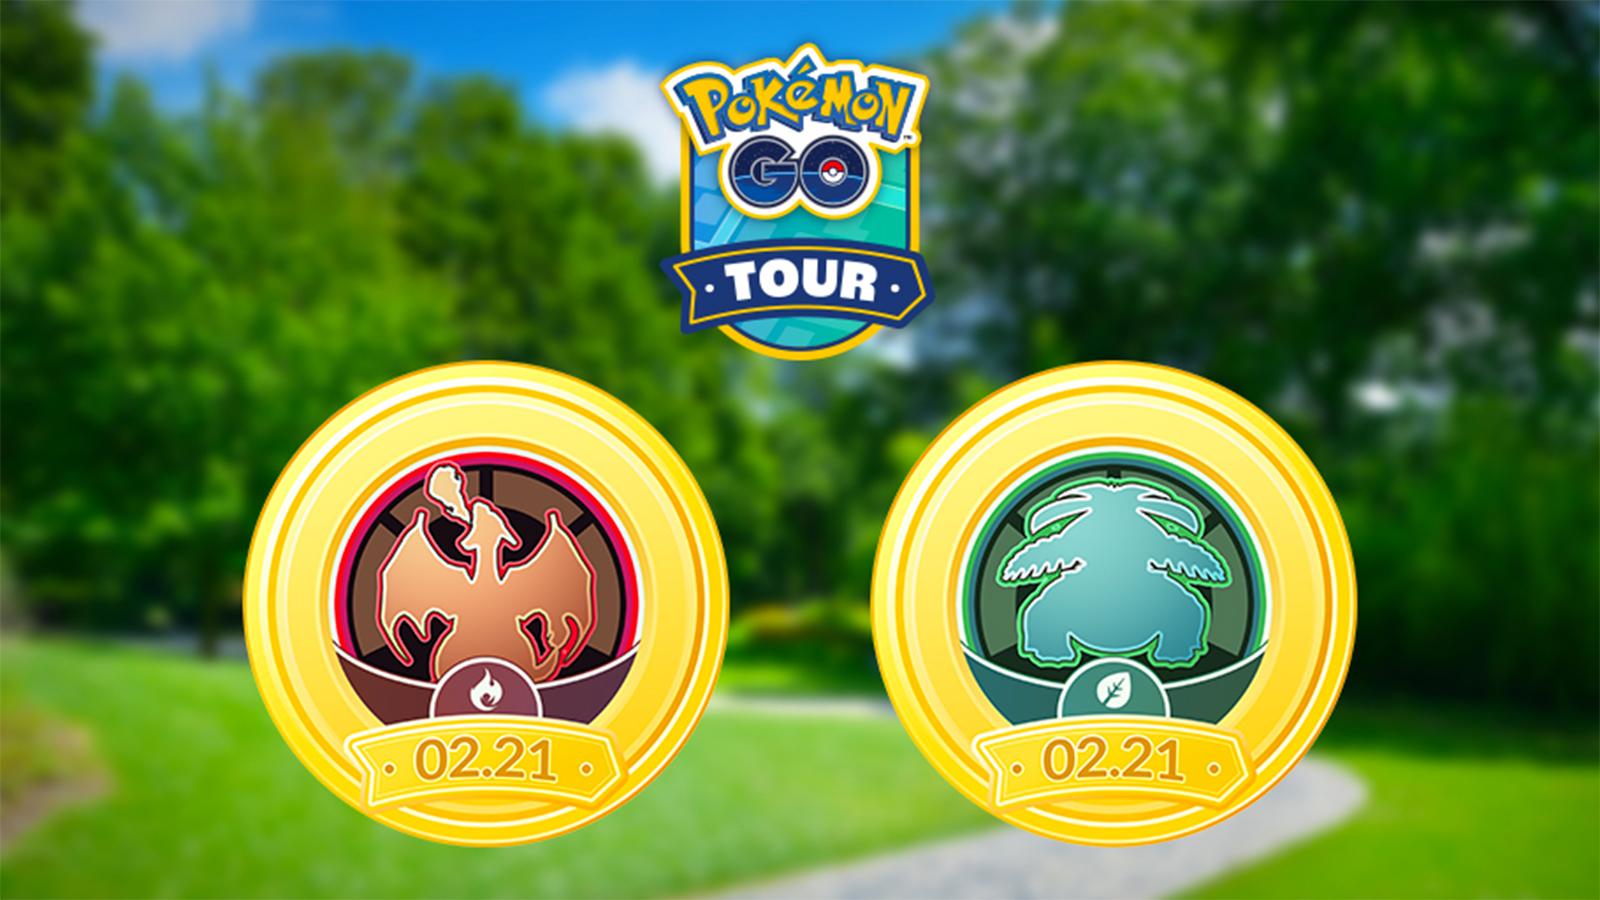 Pokemon Go Tour Kanto